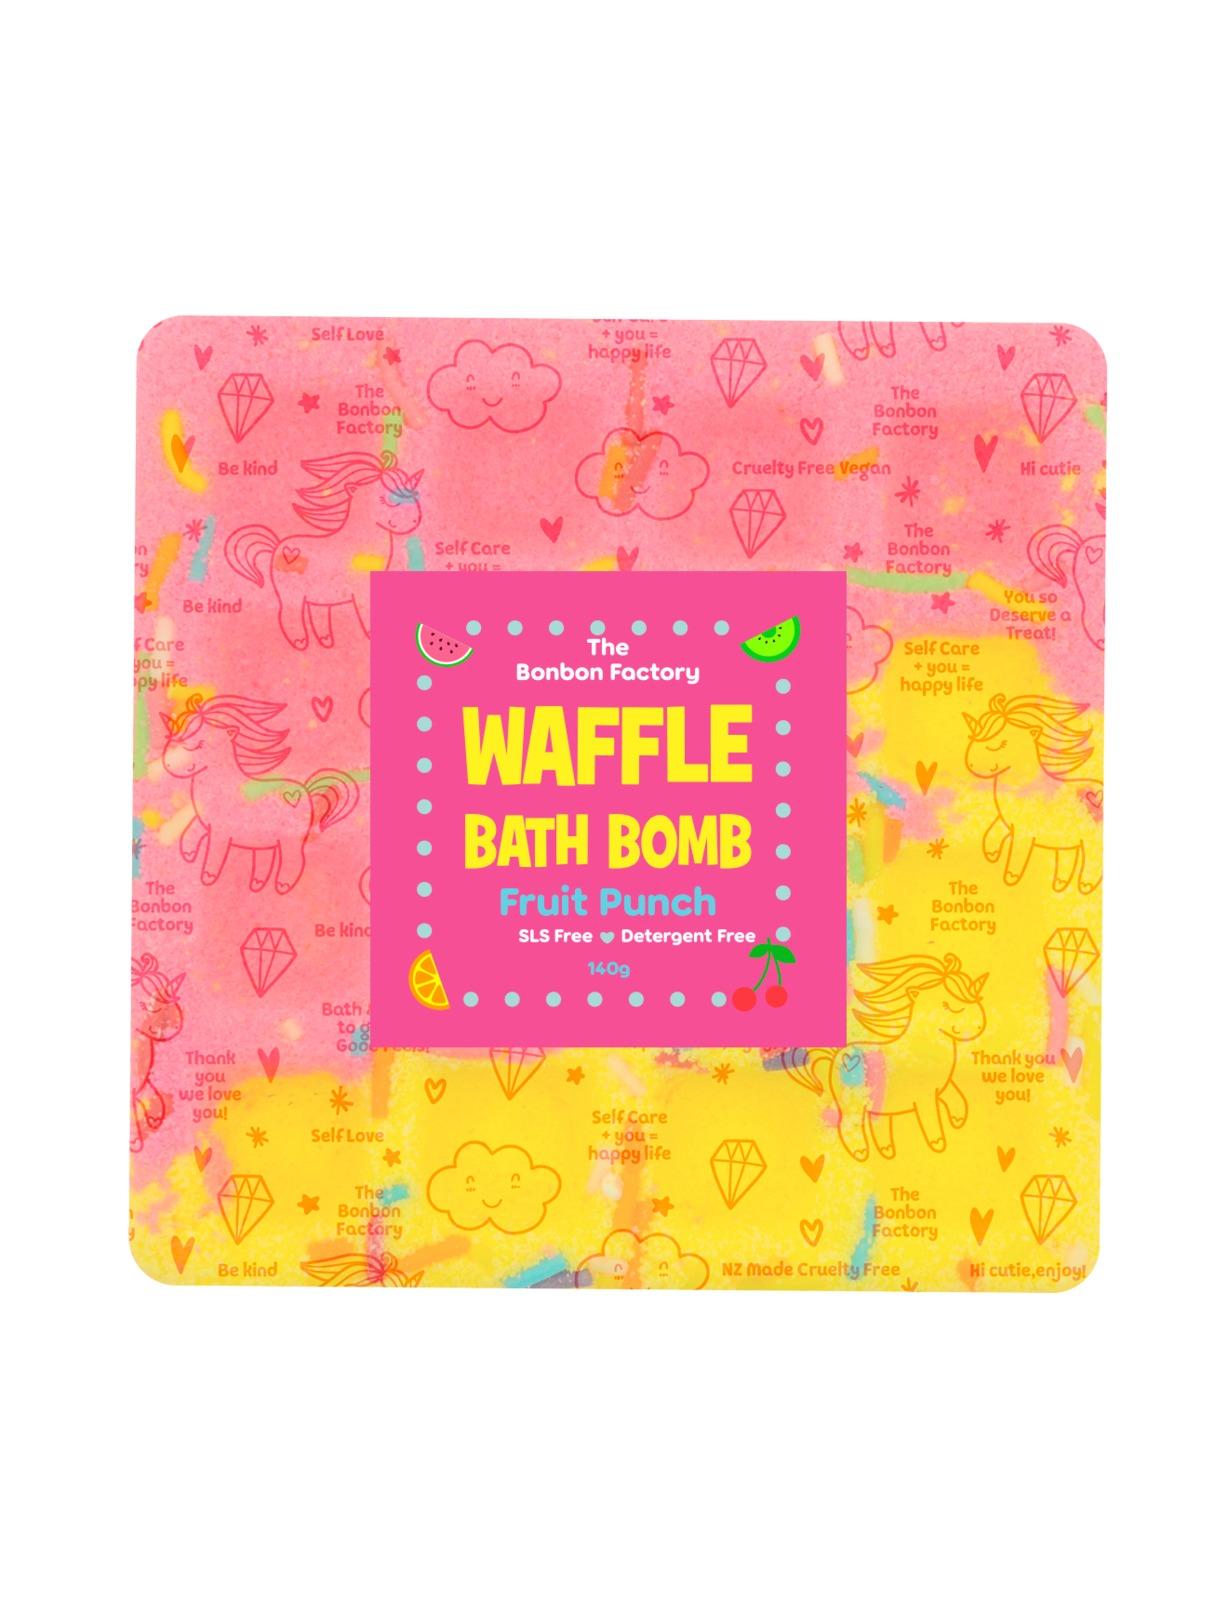 The Bonbon Factory Fruit Punch Waffle Bath Bomb image